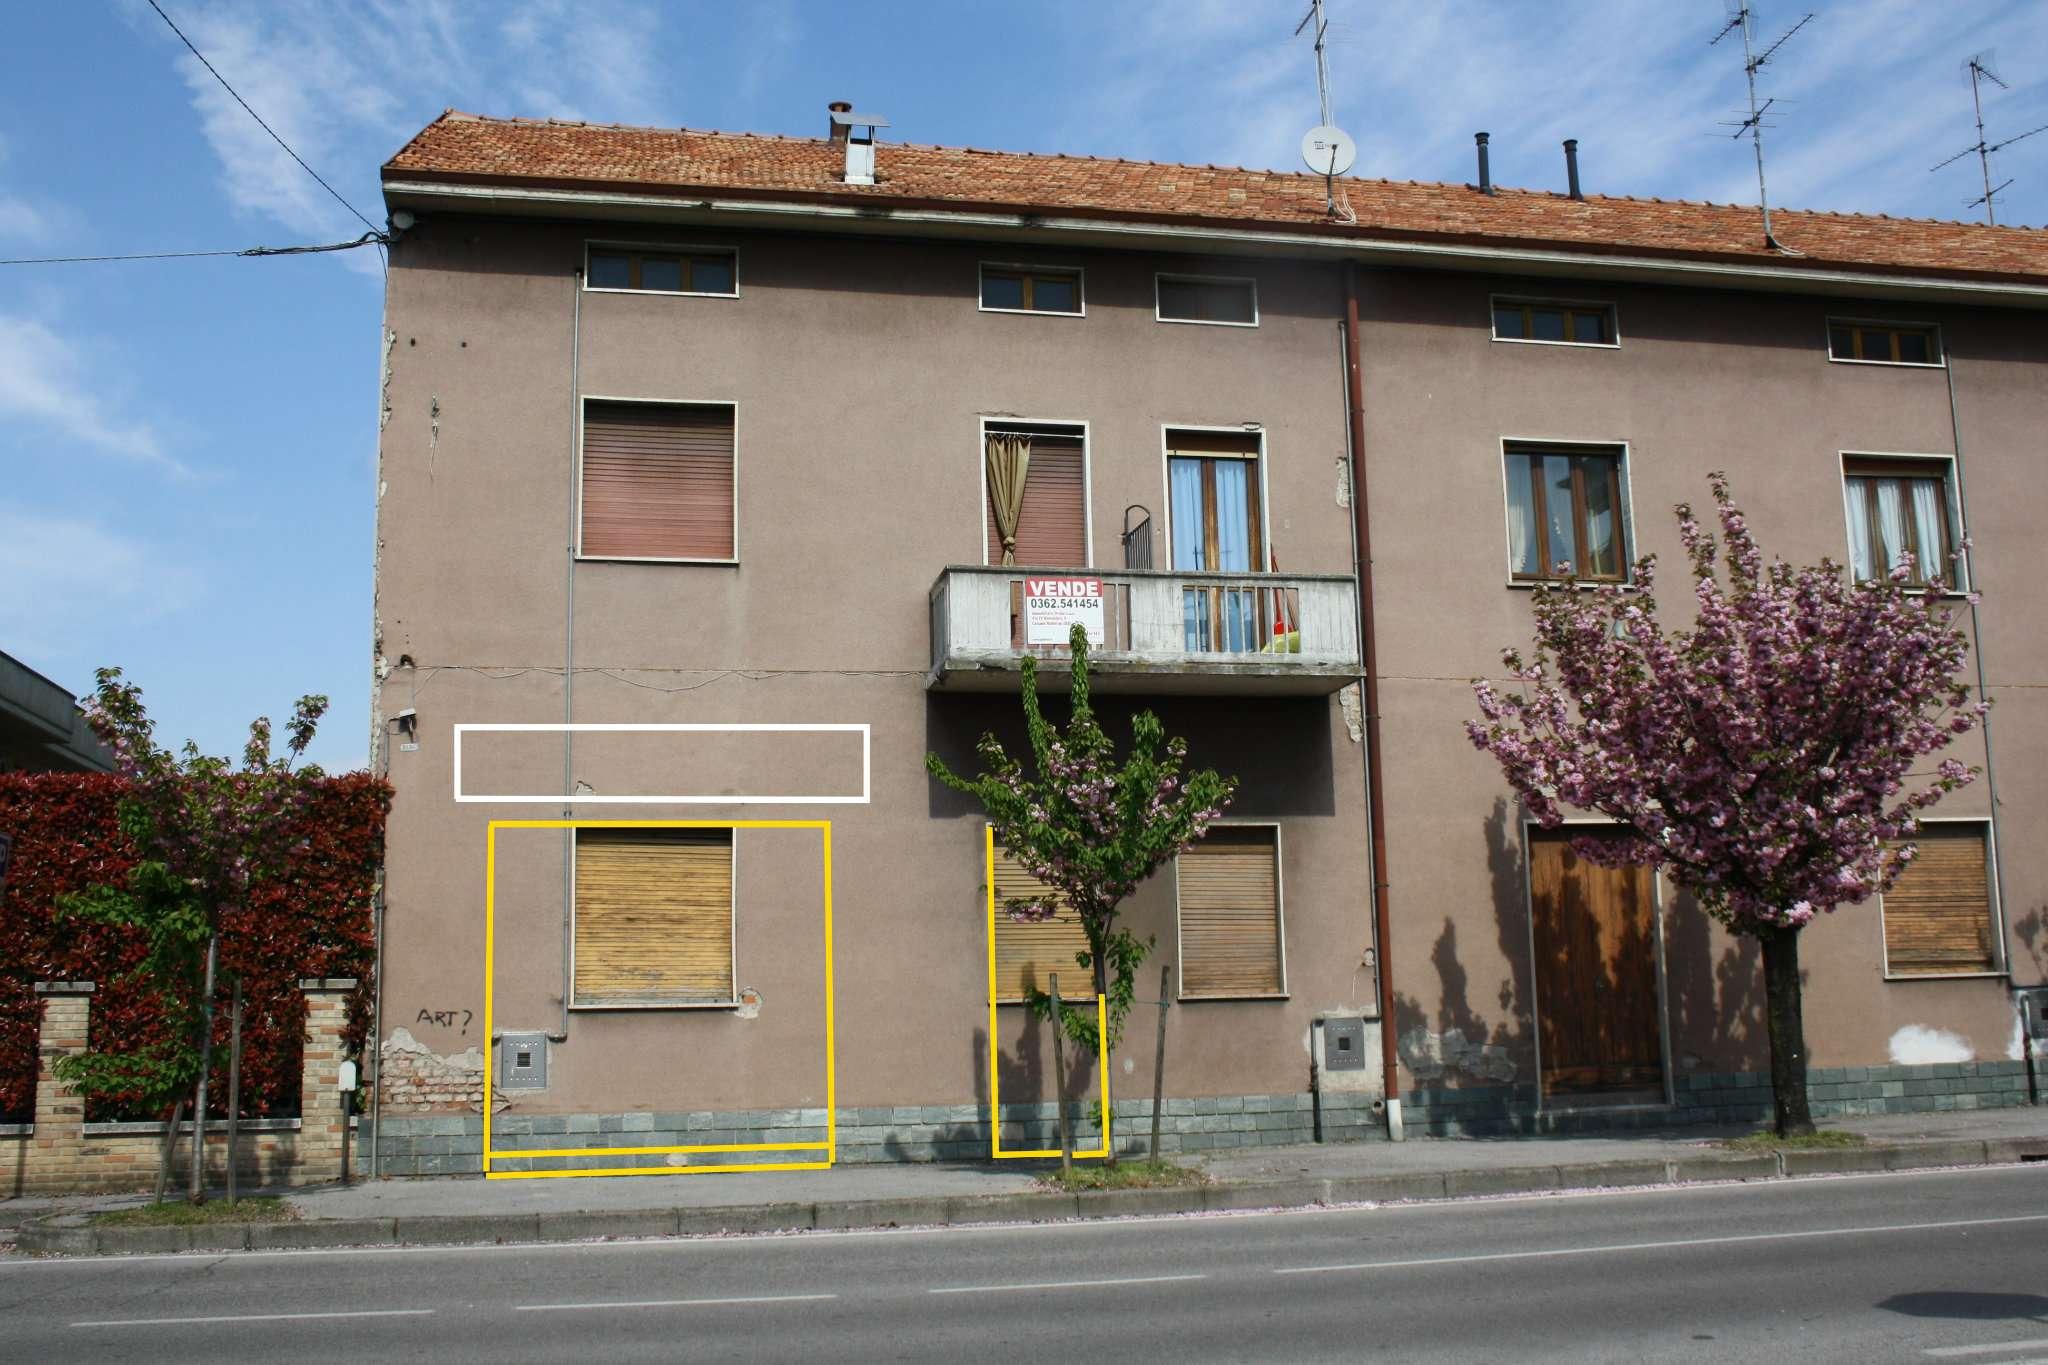 Negozio / Locale in vendita a Cesano Maderno, 1 locali, prezzo € 43.000 | Cambio Casa.it